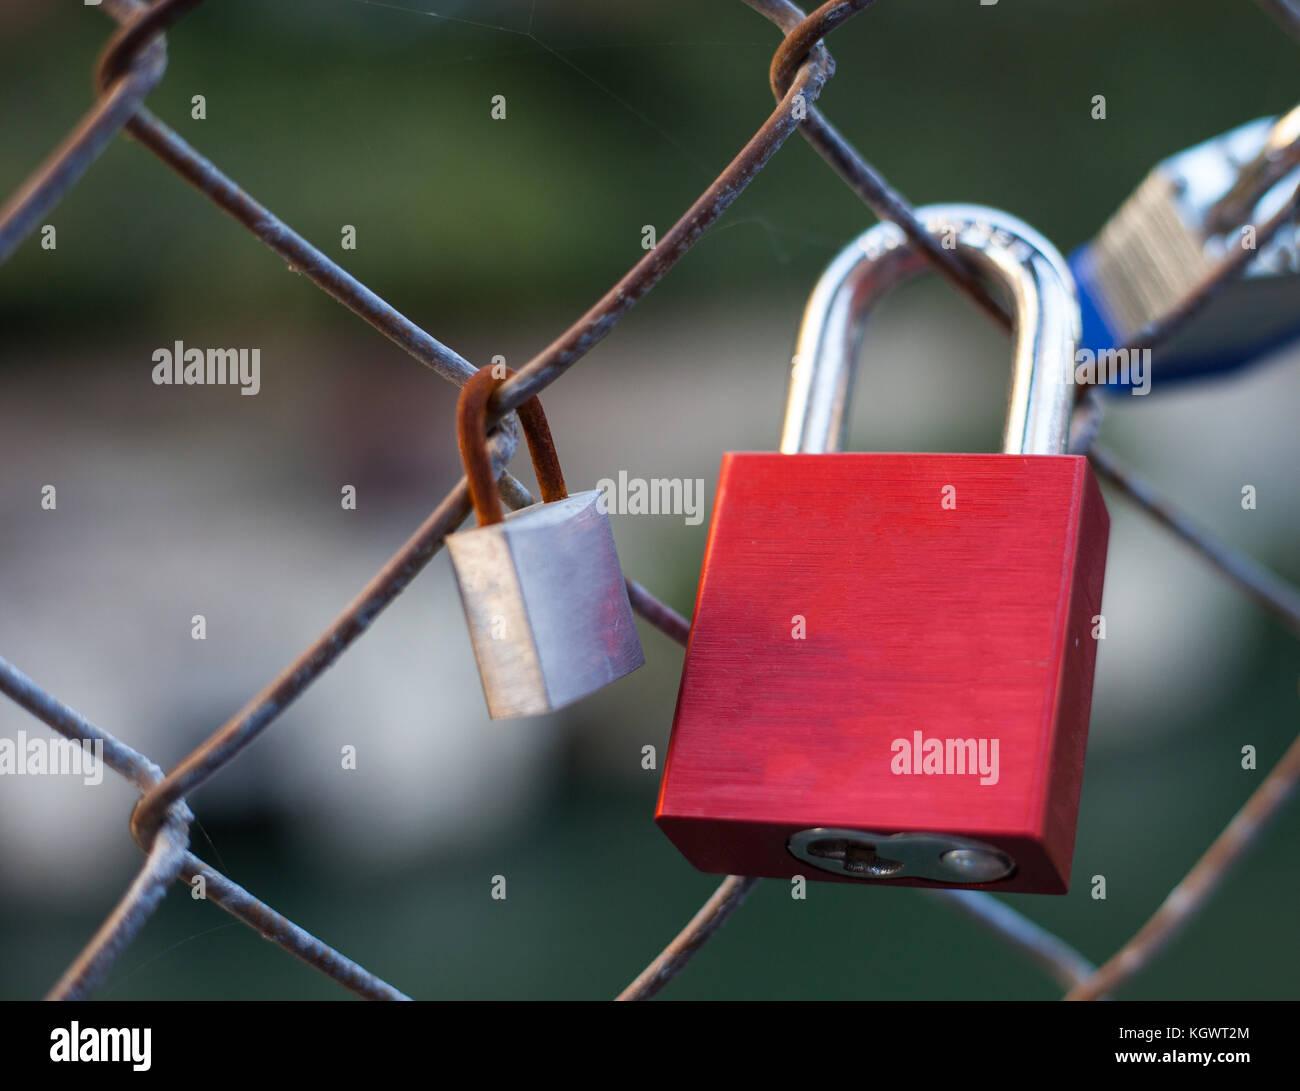 Ausgezeichnet Sicherheitsschloss Draht Zeitgenössisch - Schaltplan ...